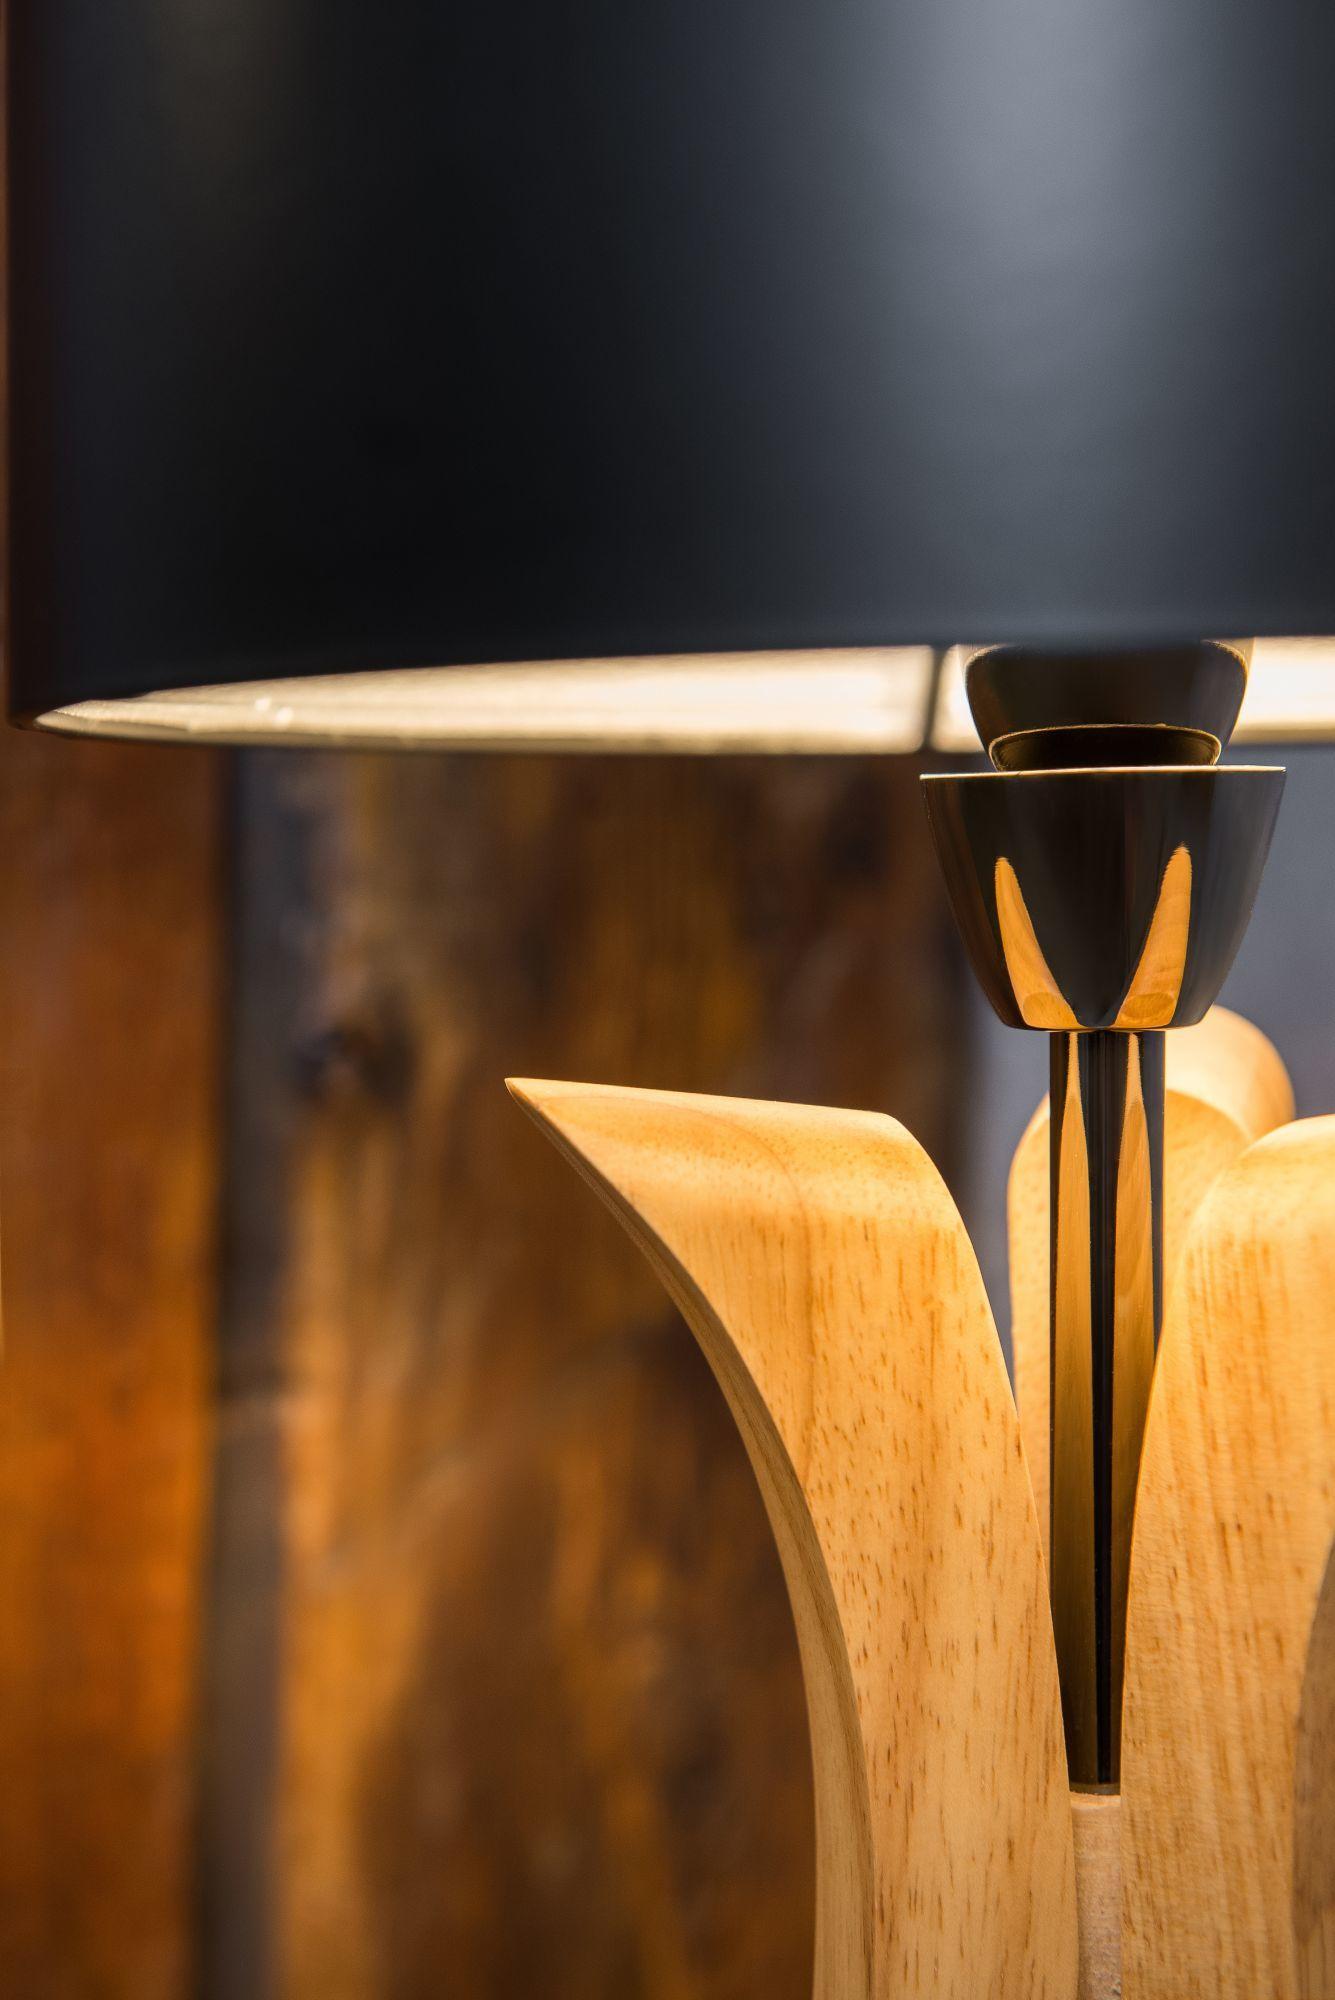 Настольная лампа Maytoni Brava lampada MOD239-01-B, 1xE14x40W, коричневый, никель, черный, дерево, металл - фото 5